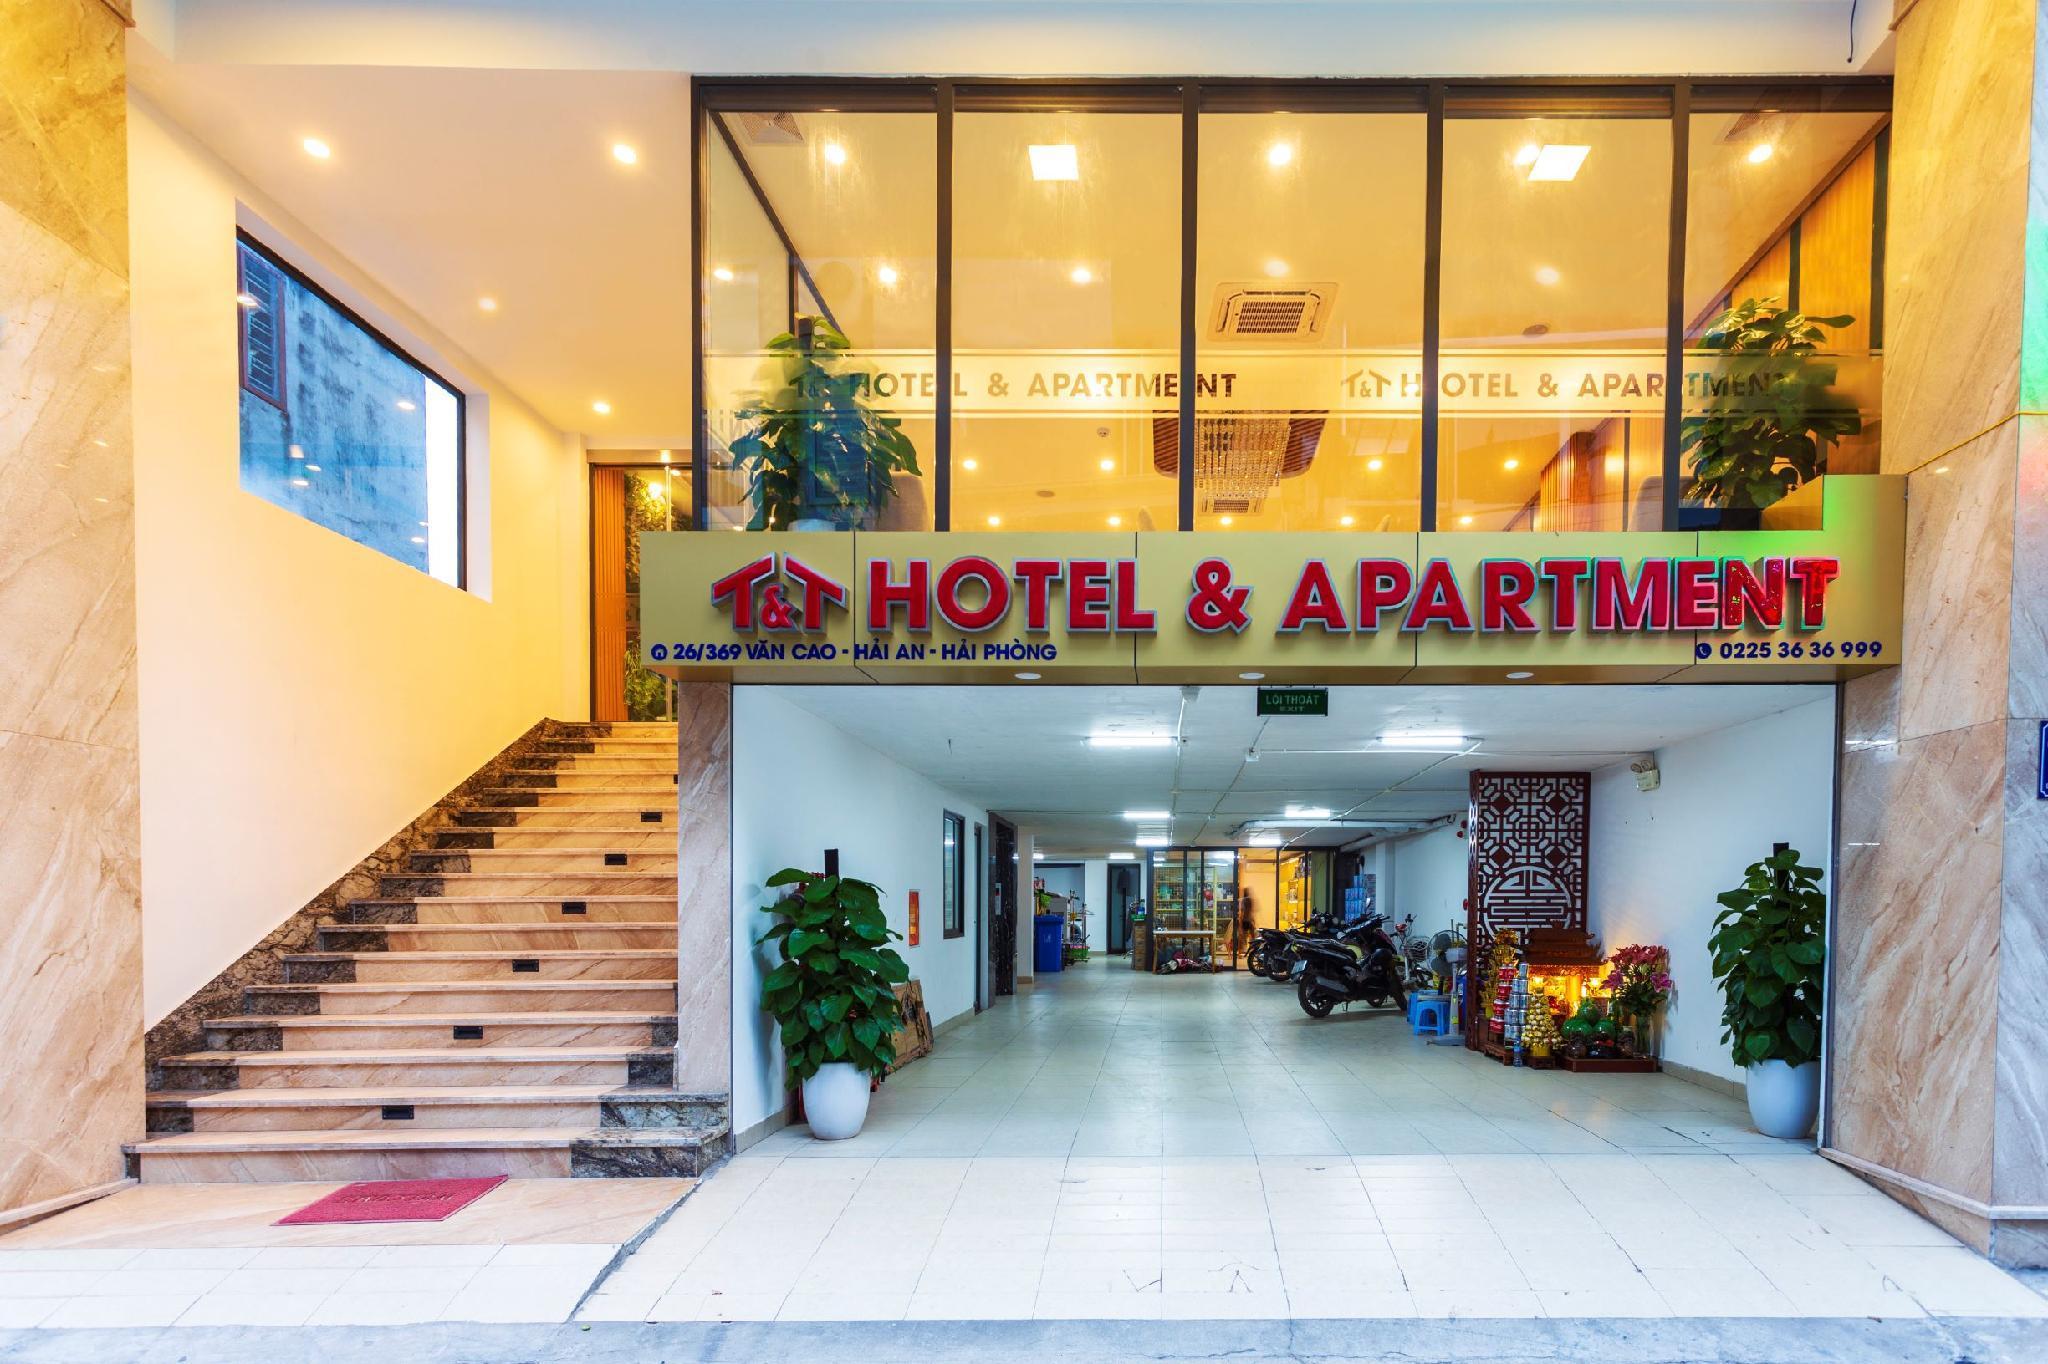 TandT Hotel And Apartment Van Cao